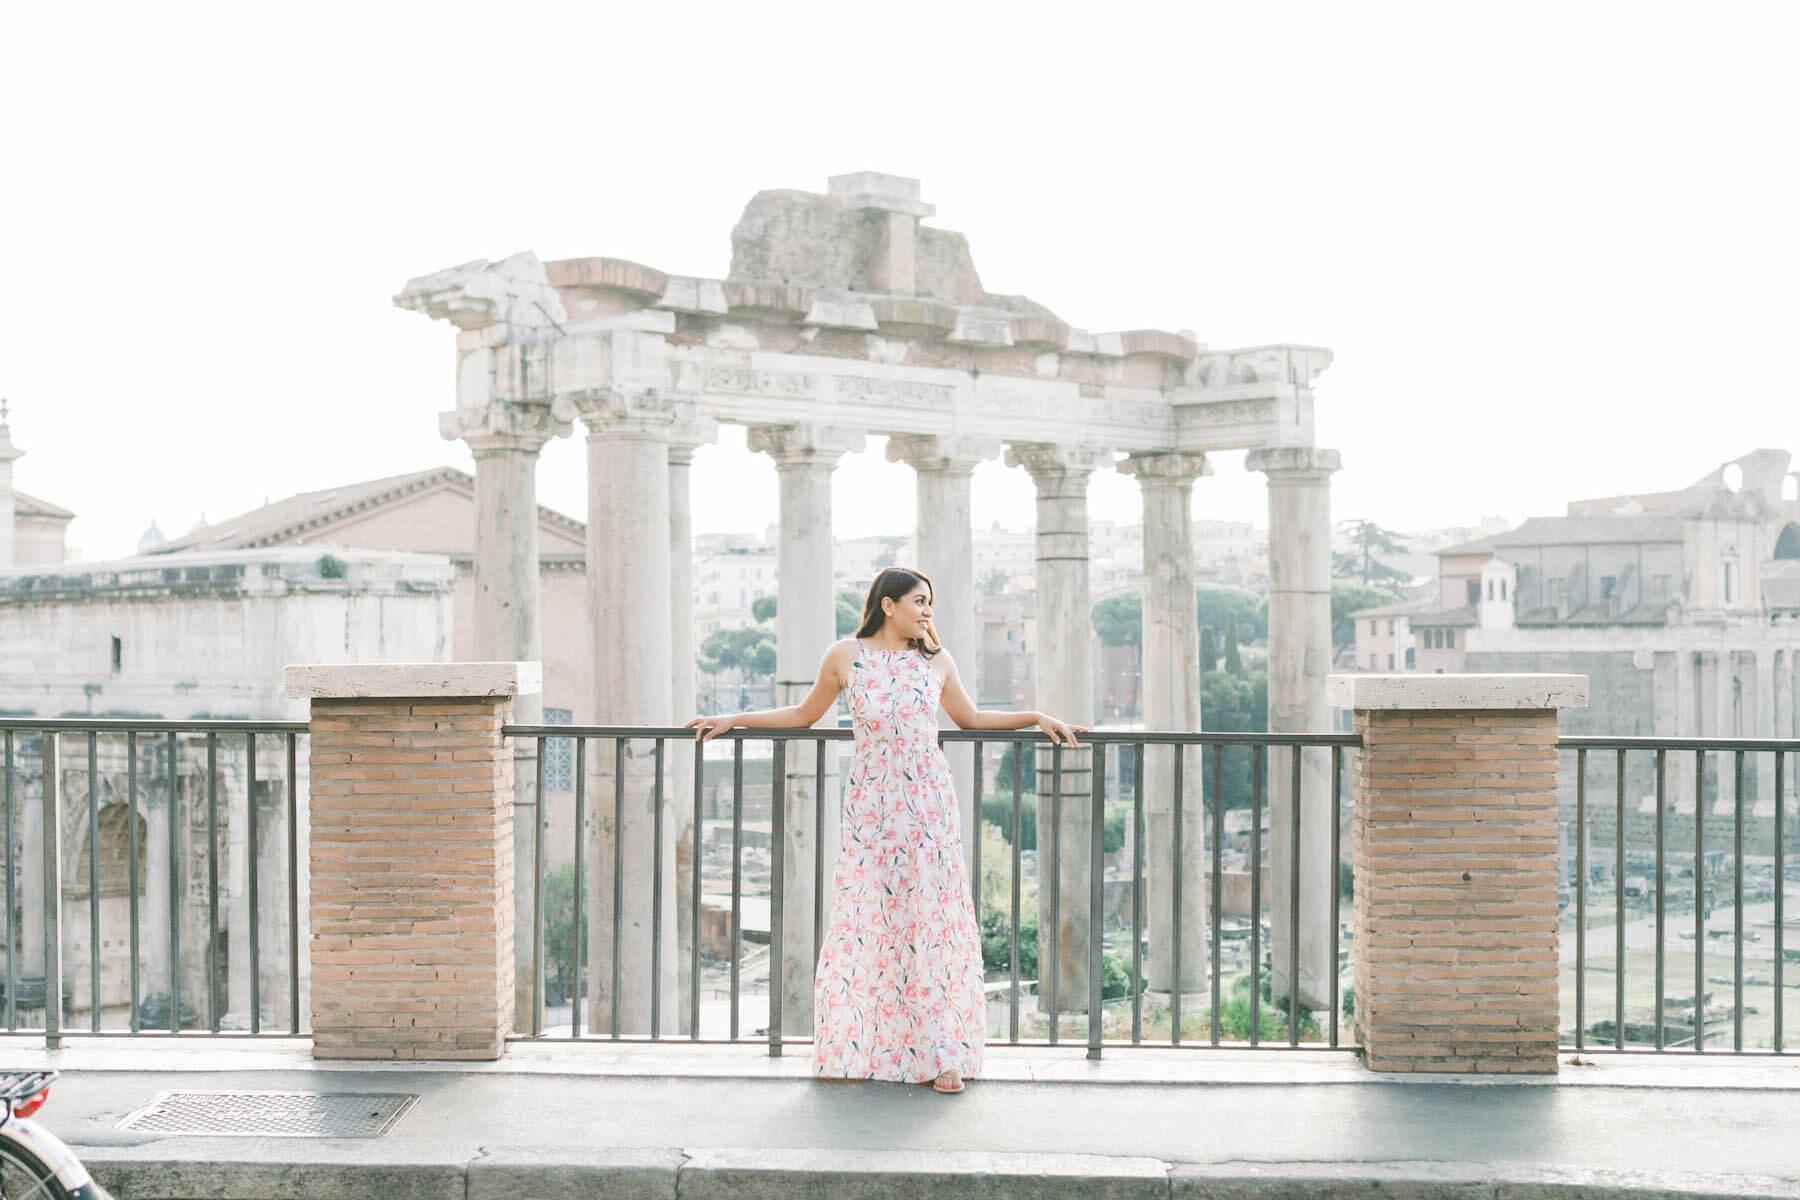 Solo female traveller international women's day Rome Italy